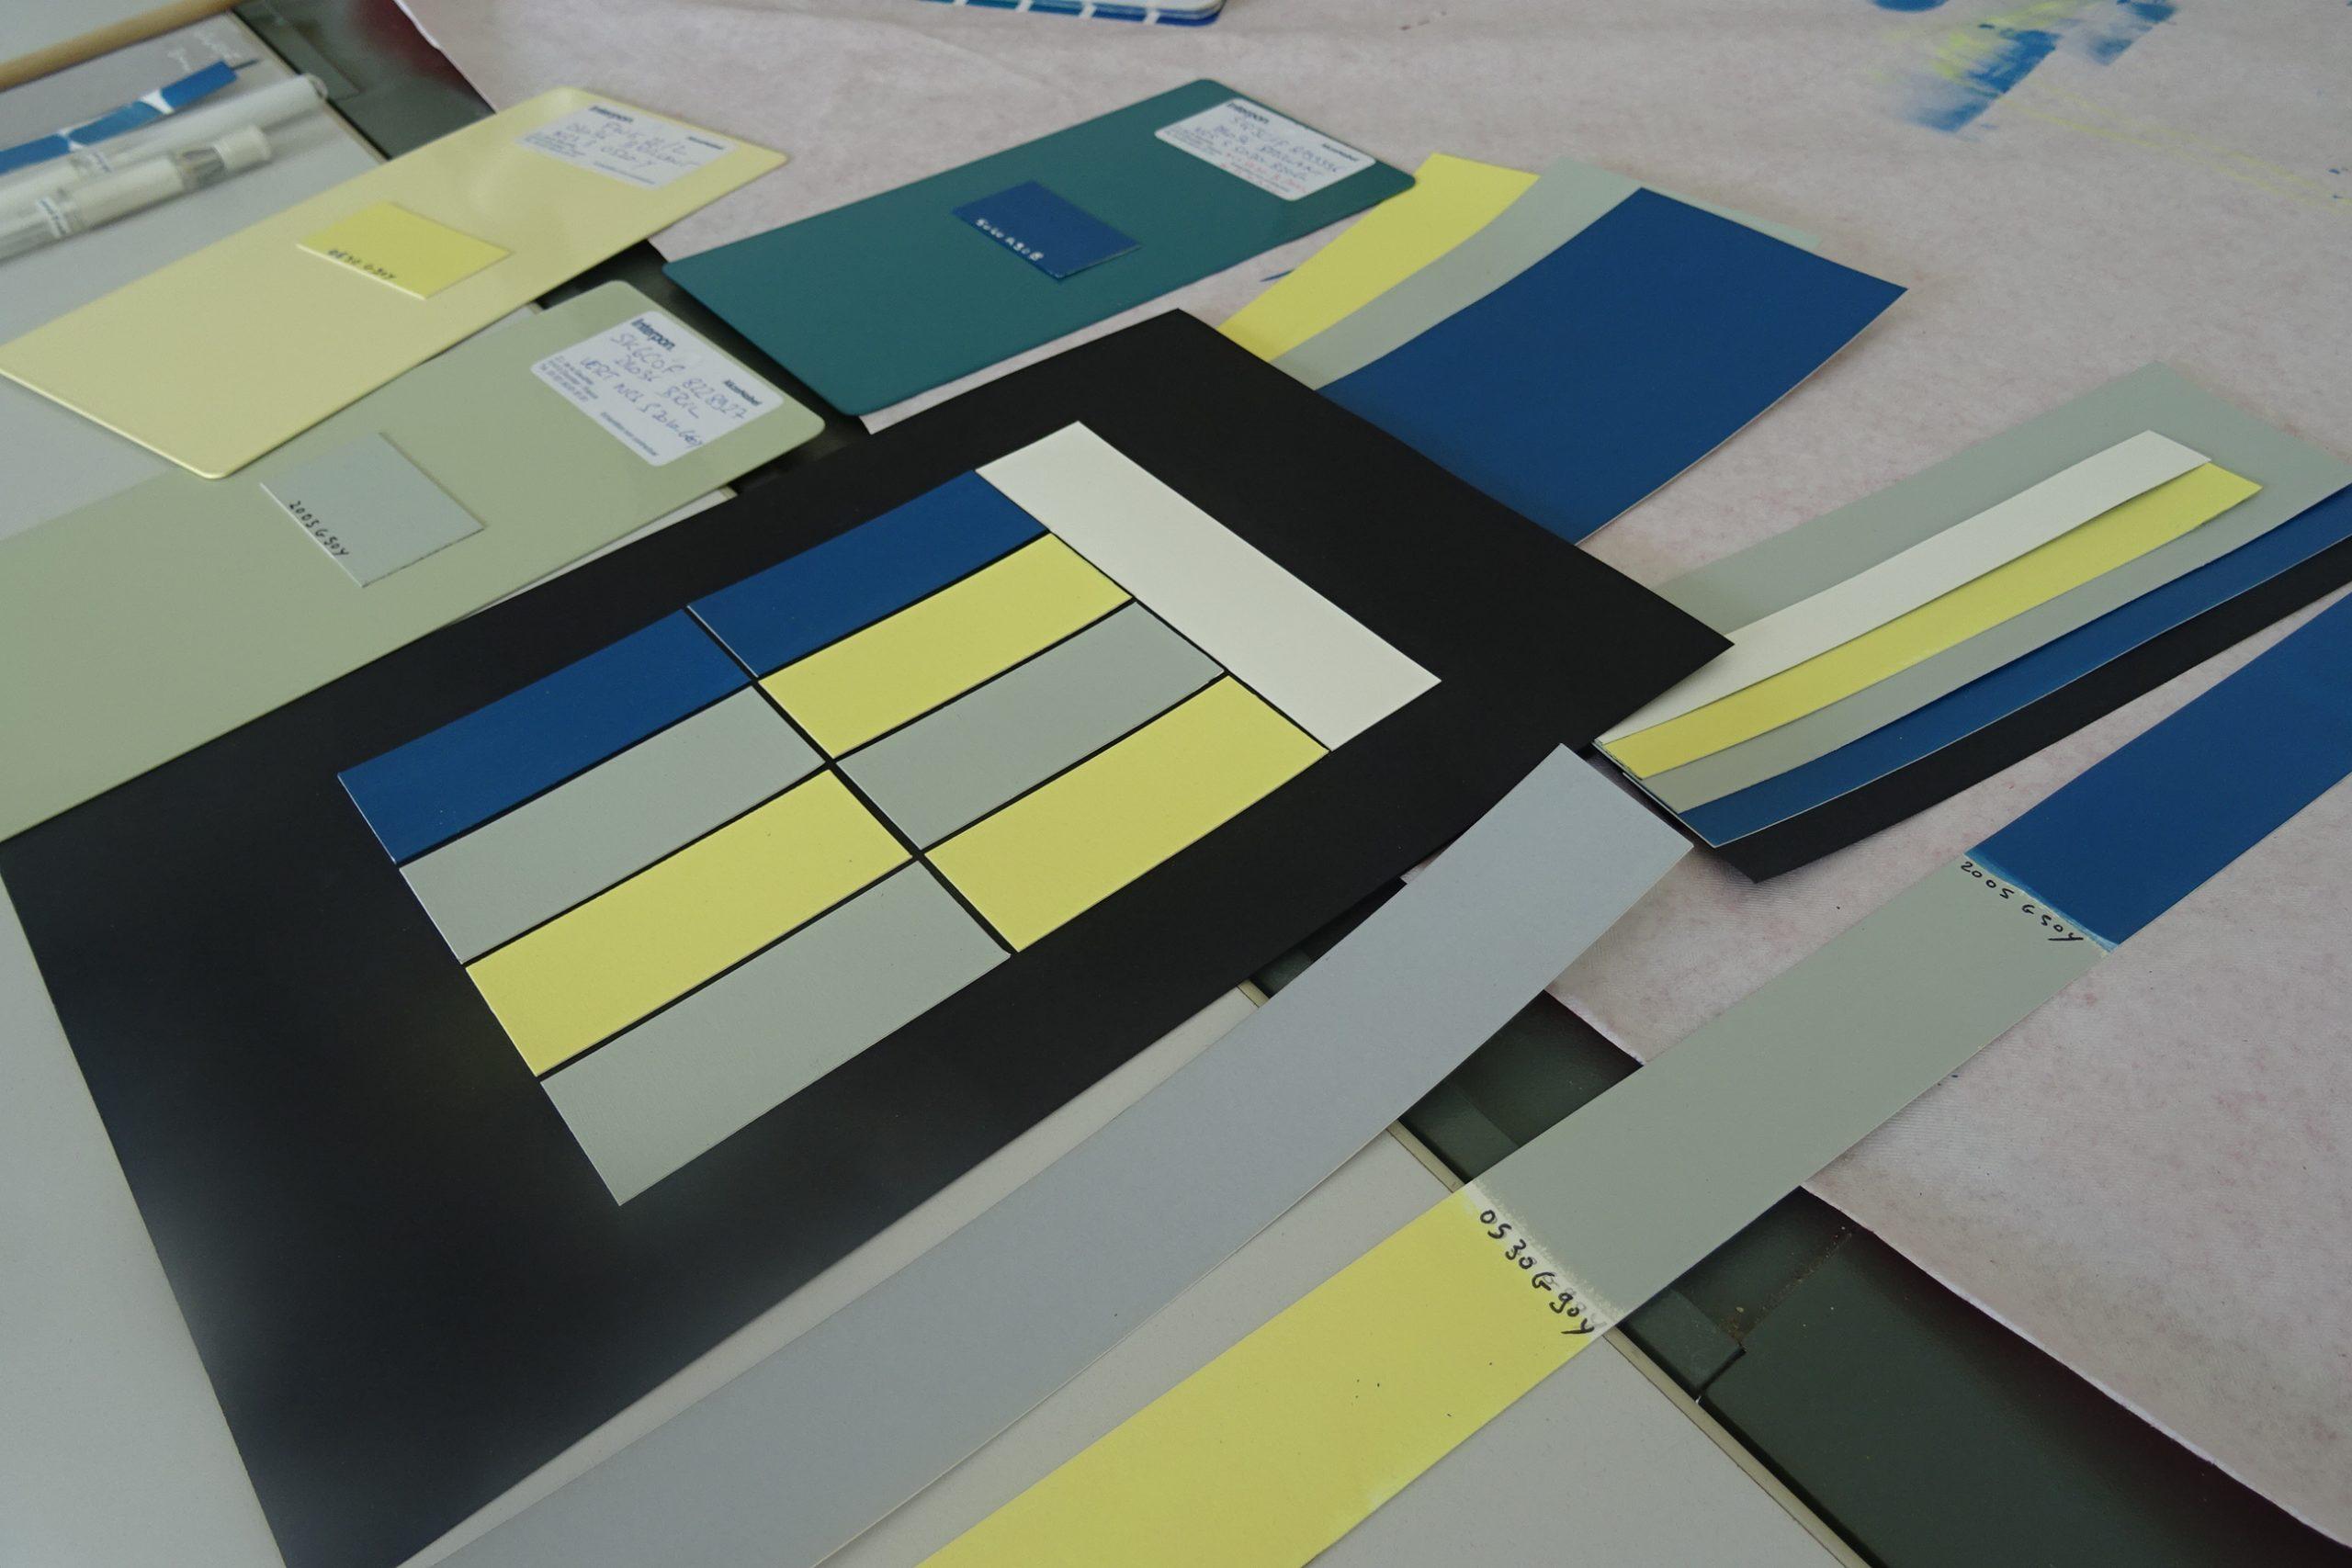 Salle des congrès -Royan- Etude- arch atelier Ferret